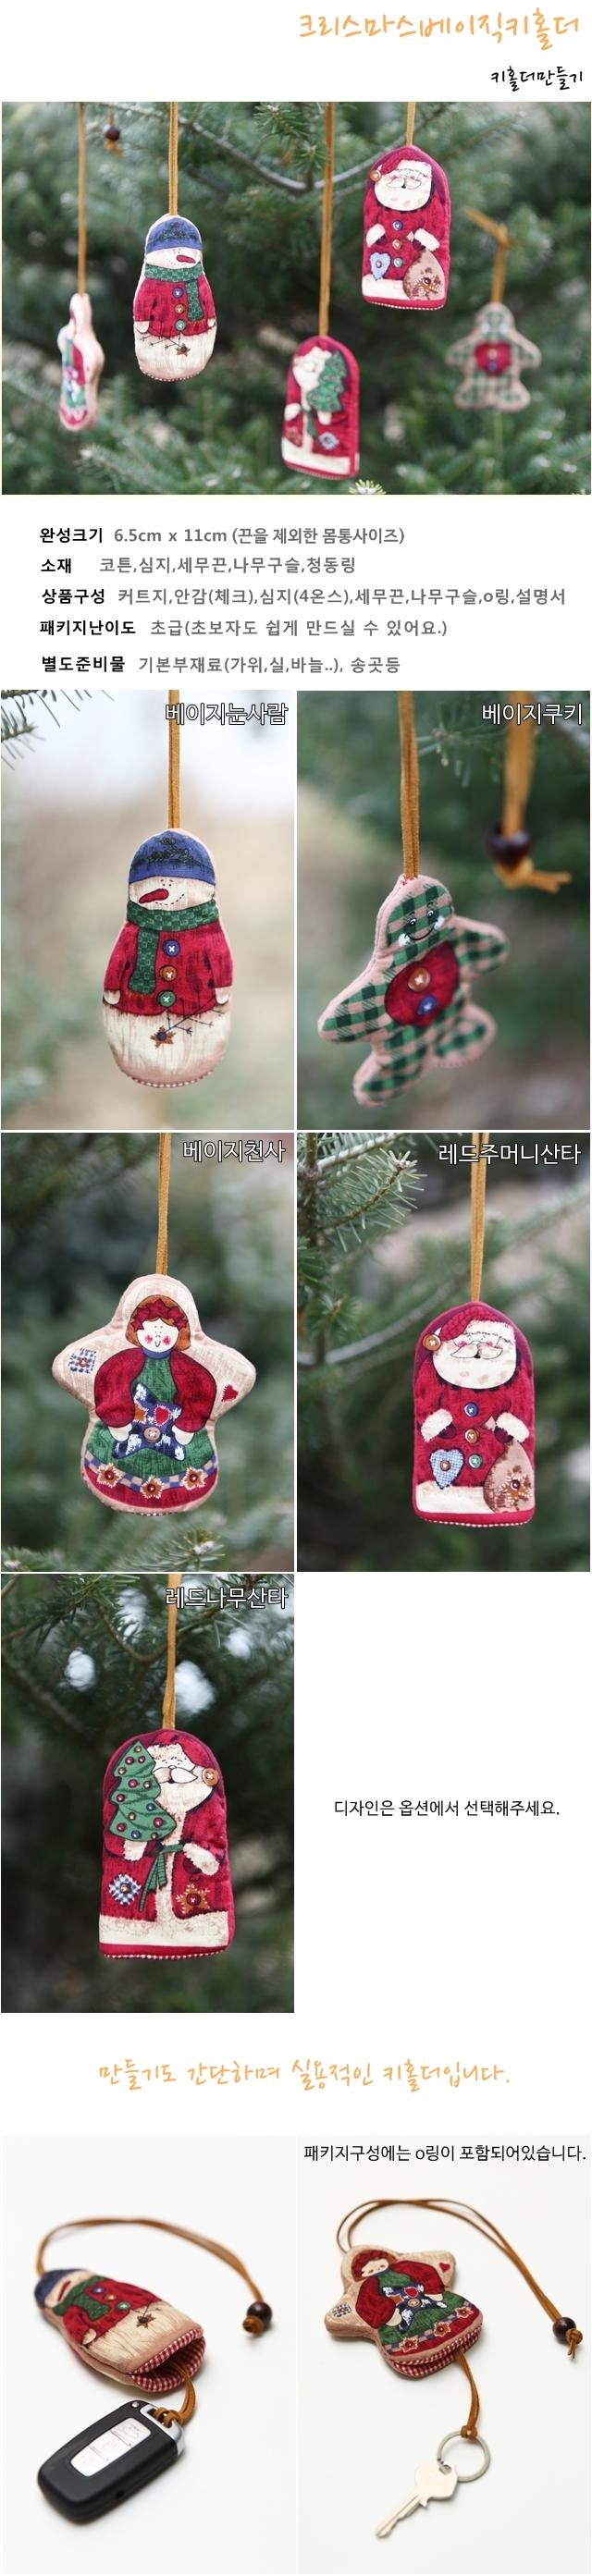 (5종중택1종) 크리스마스베이직키홀더 - 나미꼬의퀼트카페, 10,500원, 퀼트/원단공예, 크리스마스용품 패키지